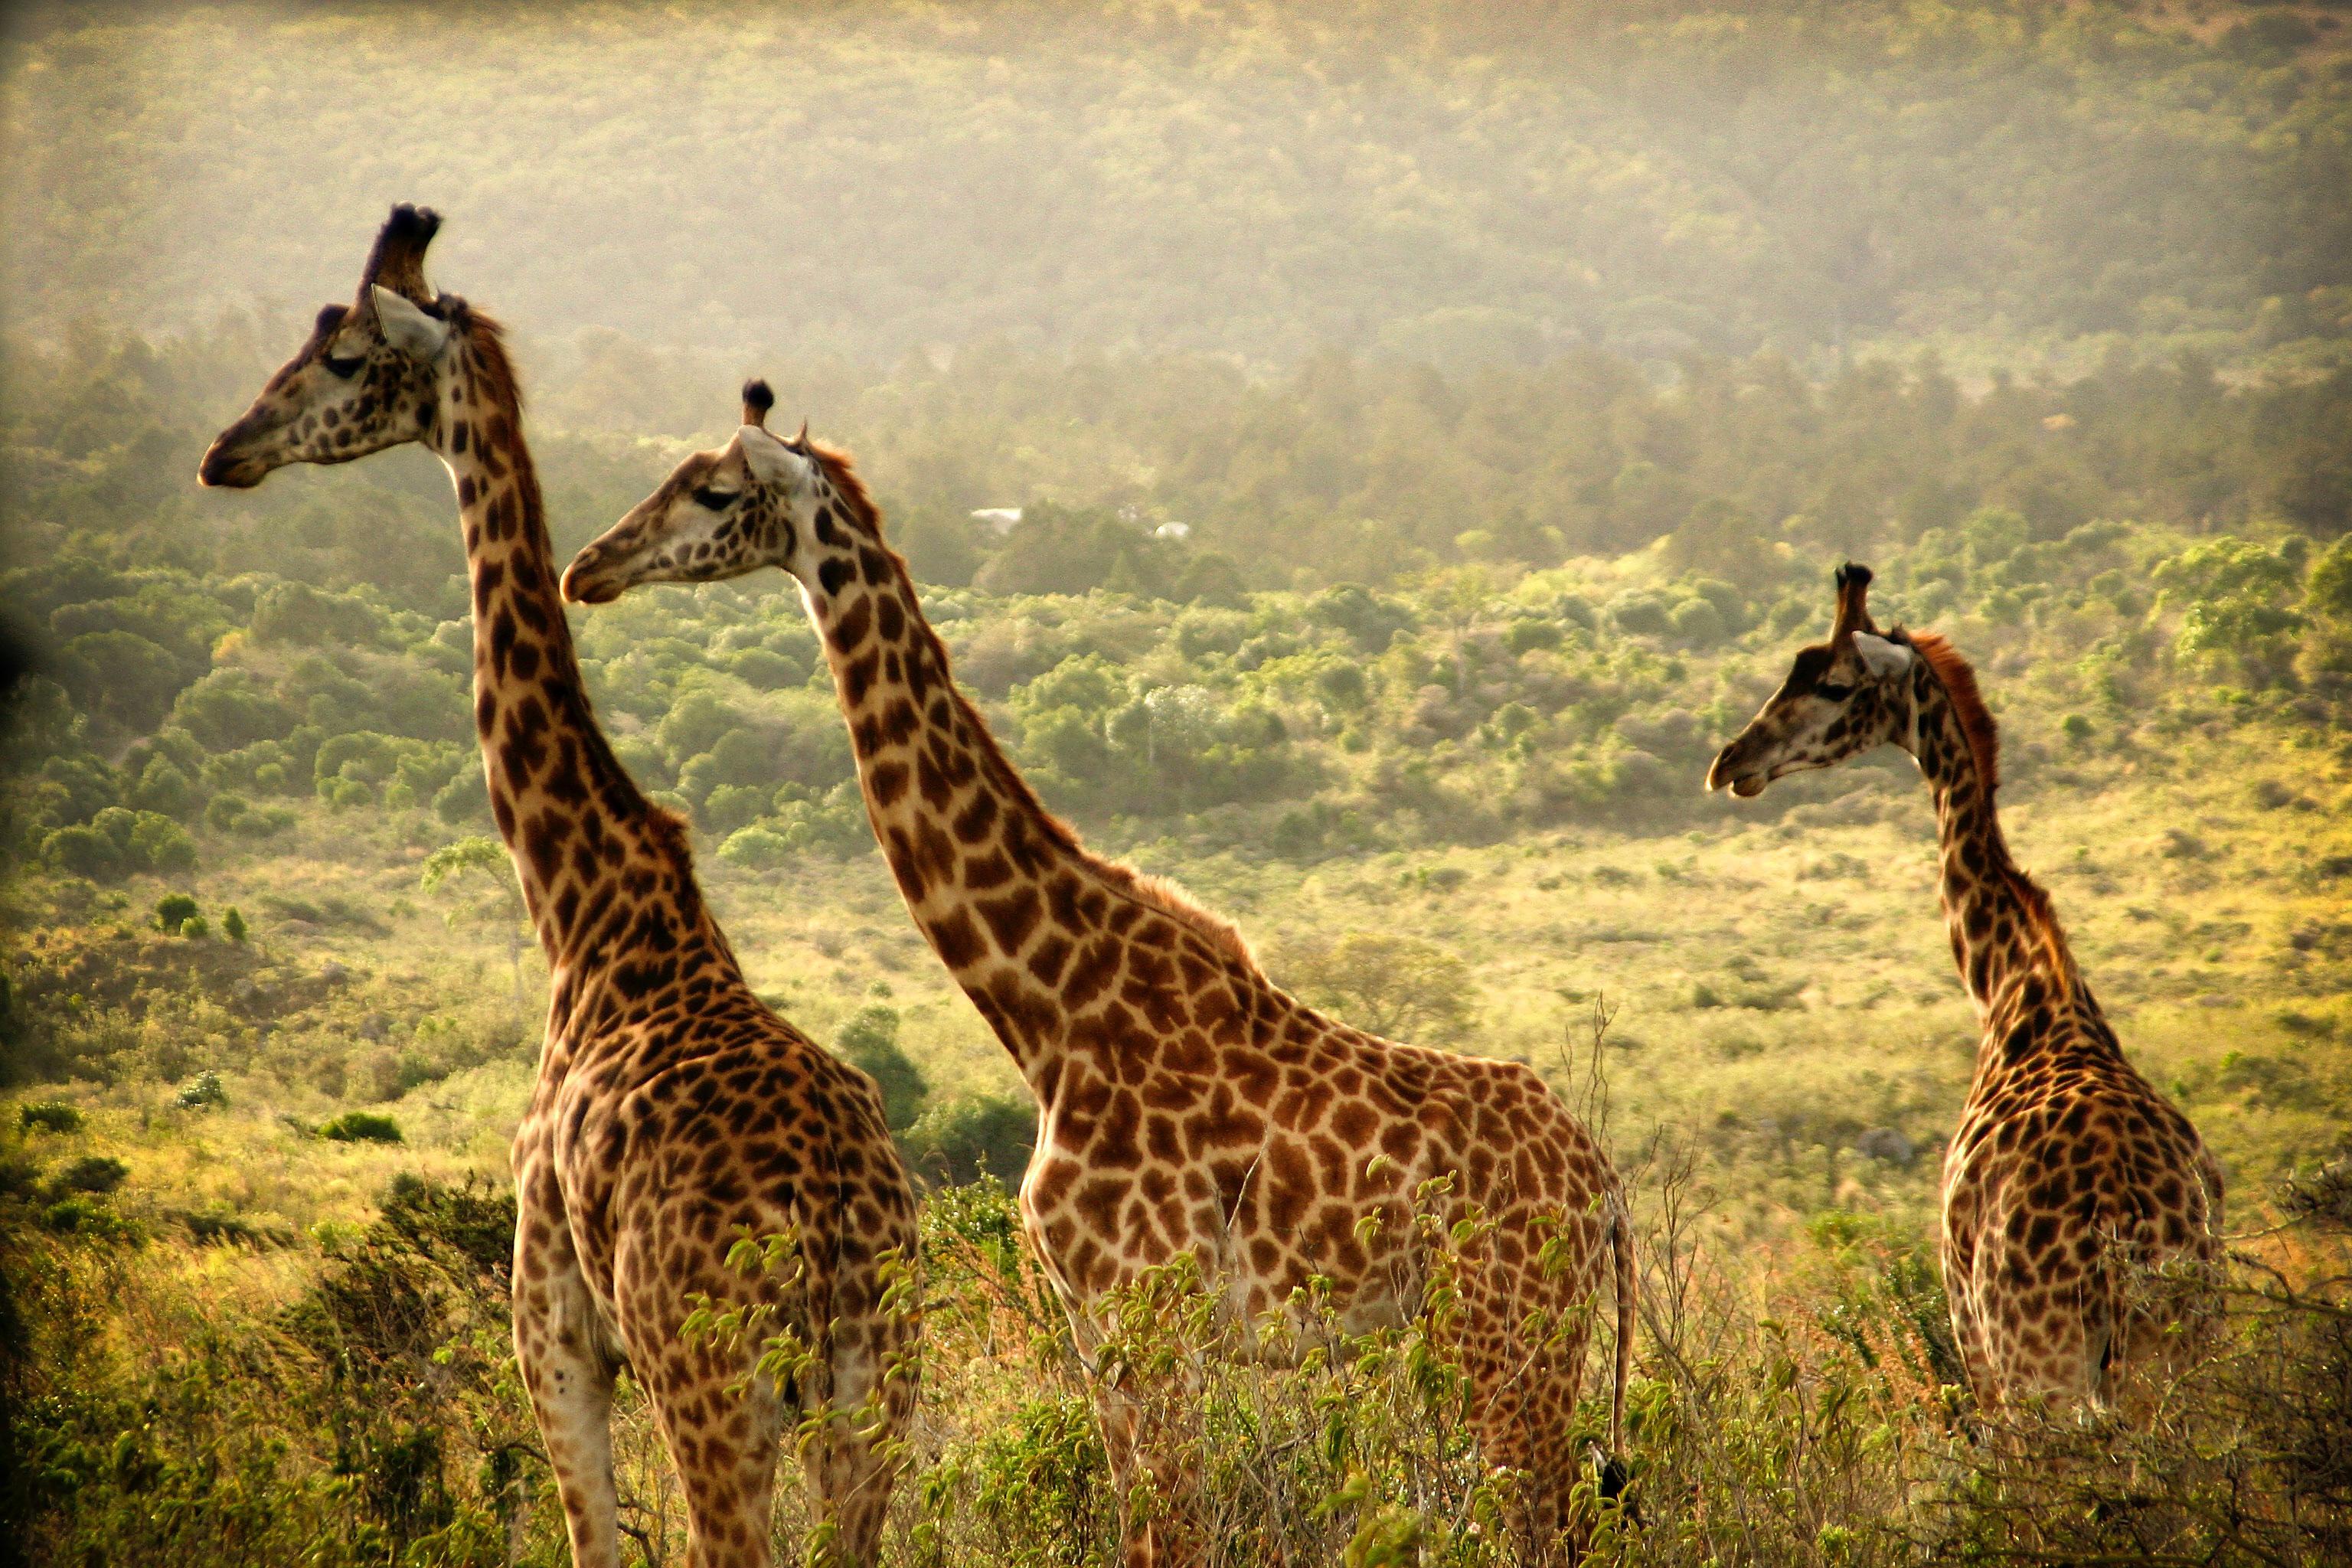 Three giraffes in the Ngorongoro